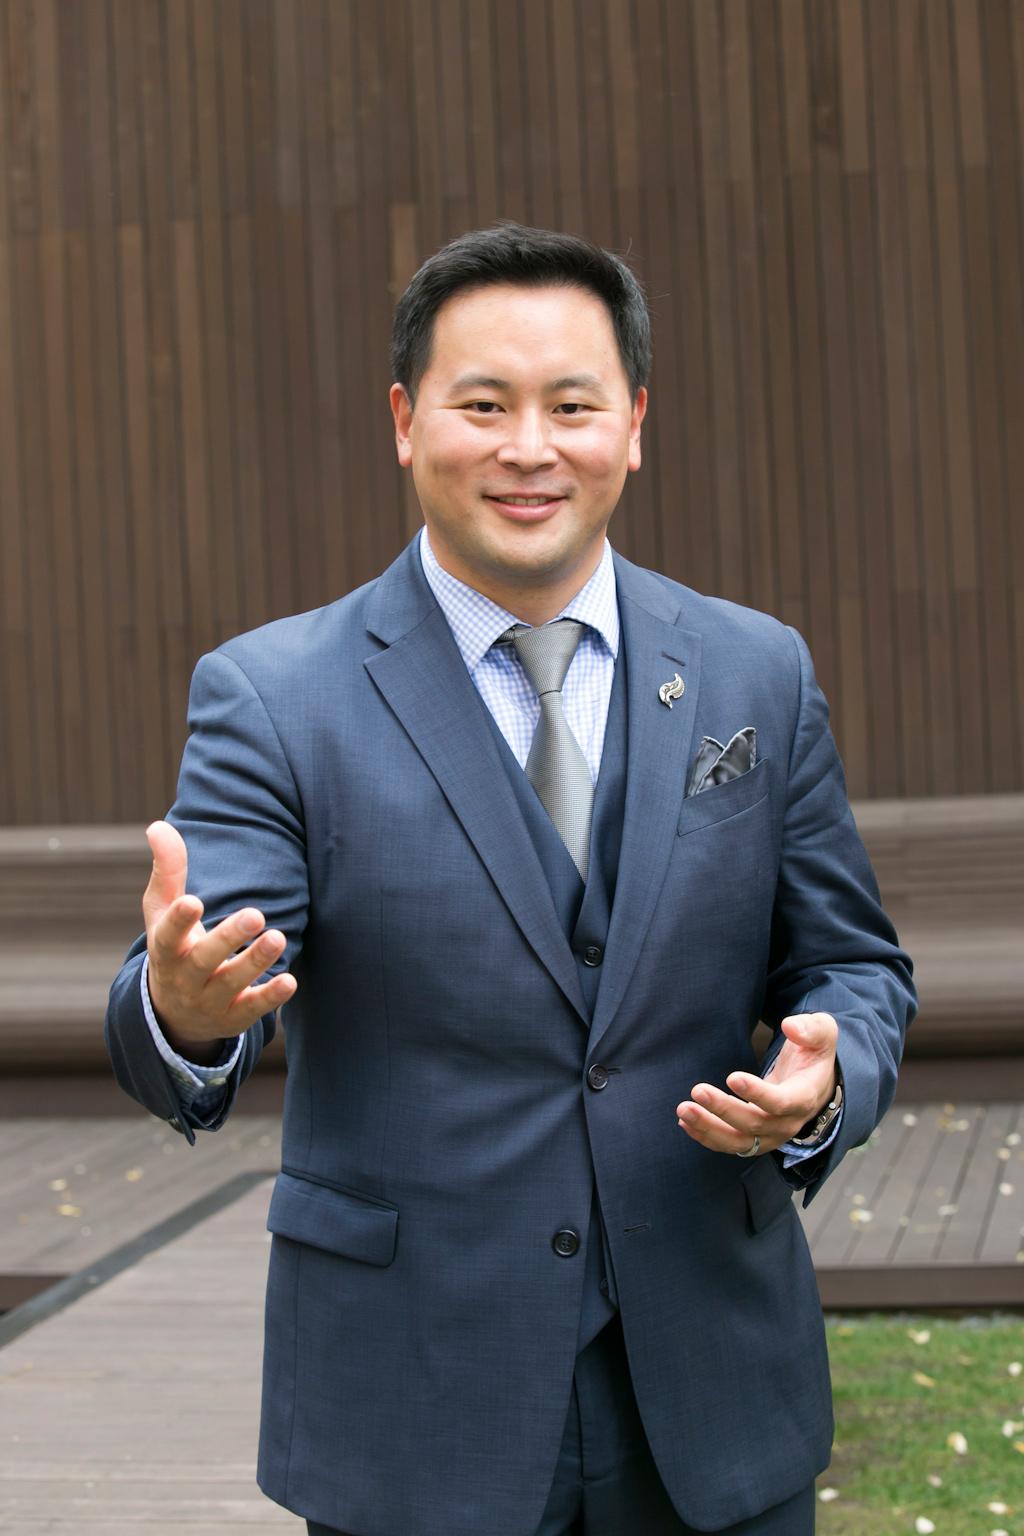 ローン・キム(36、韓国名キム・テソク、民主党)ニューヨーク州下院議員